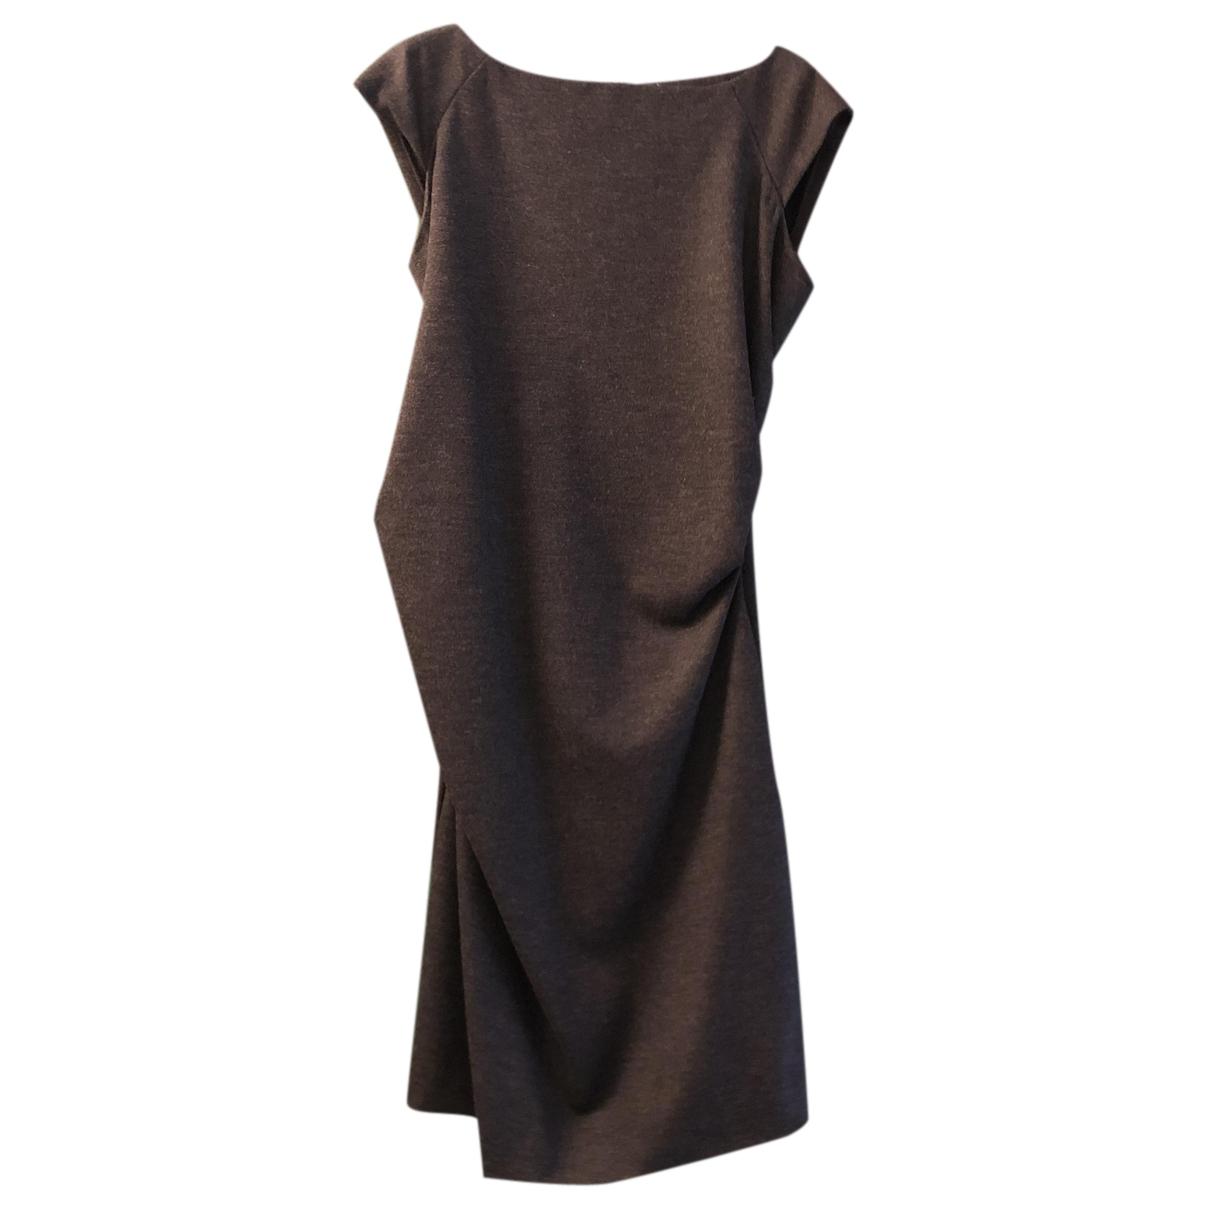 Diane Von Furstenberg N Anthracite Wool dress for Women 10 US